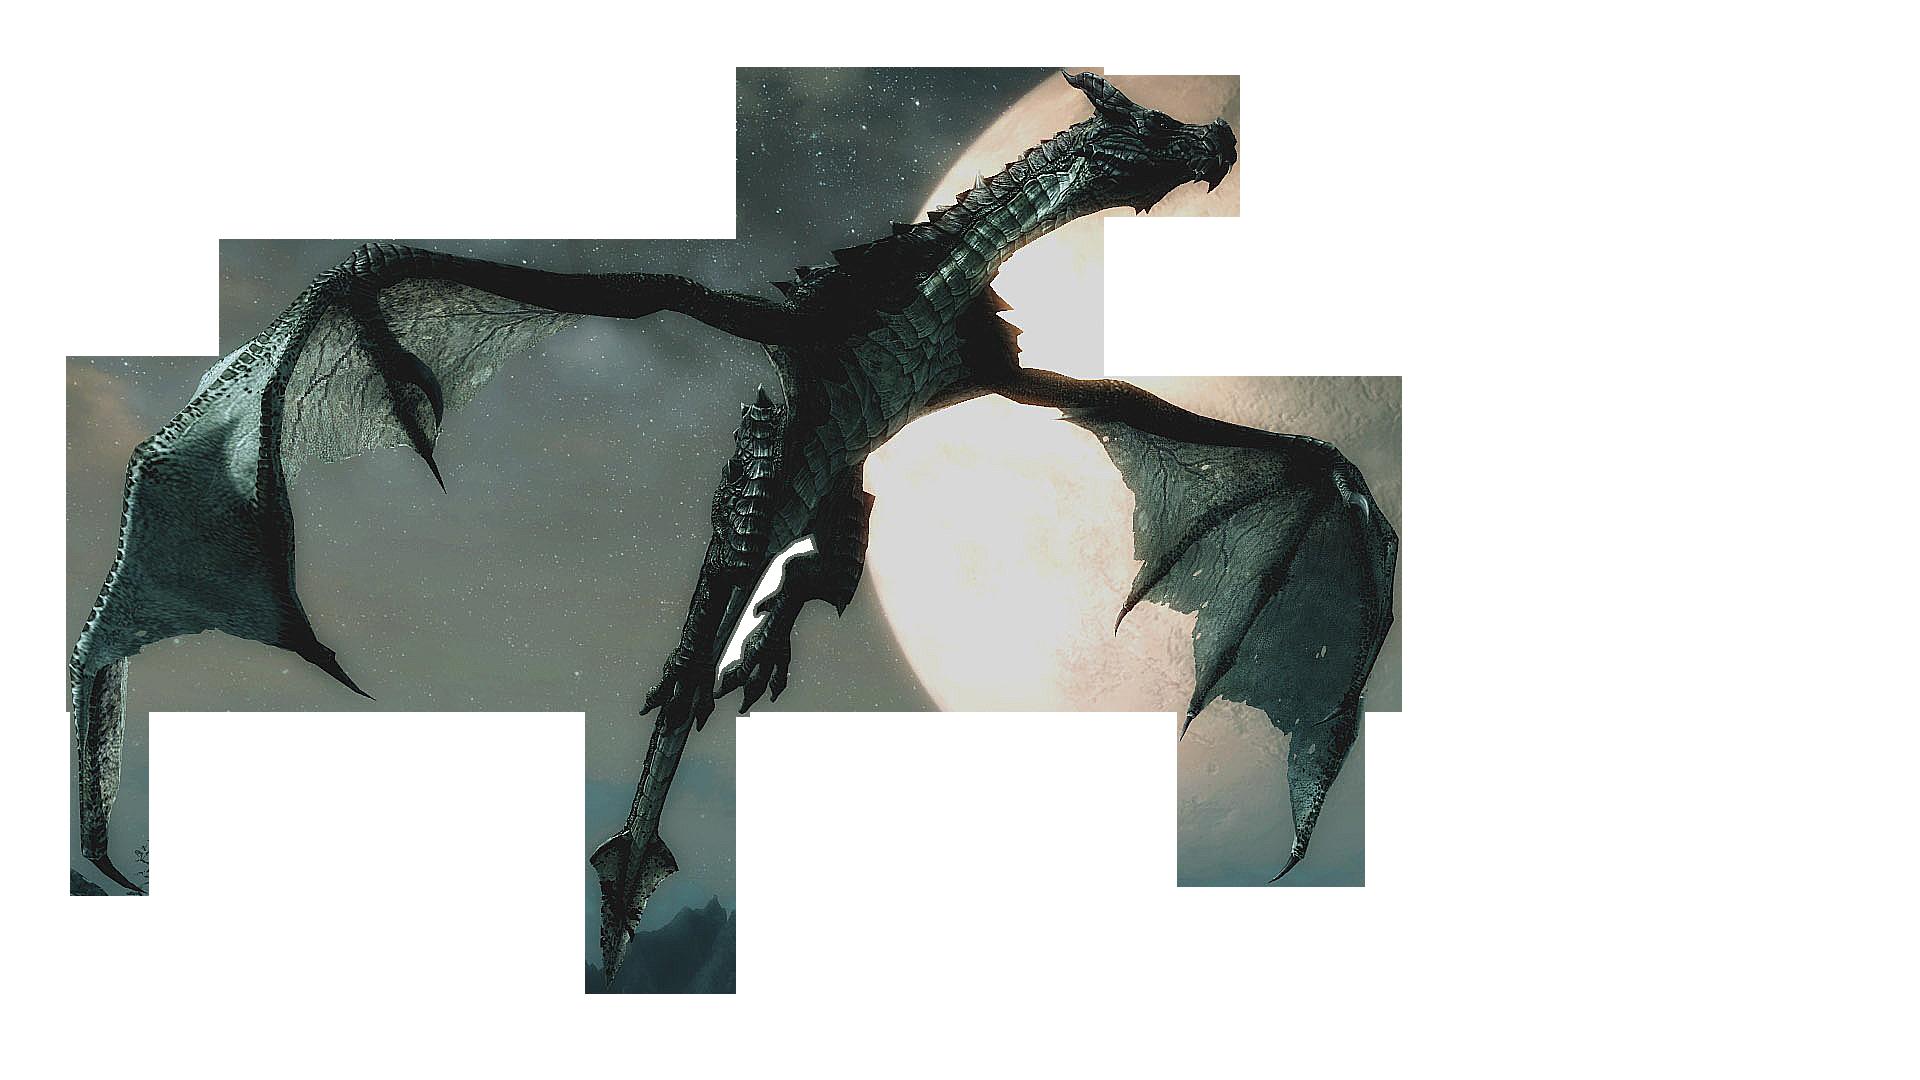 The Elder Scrolls PNG Images Transparent Free Download.